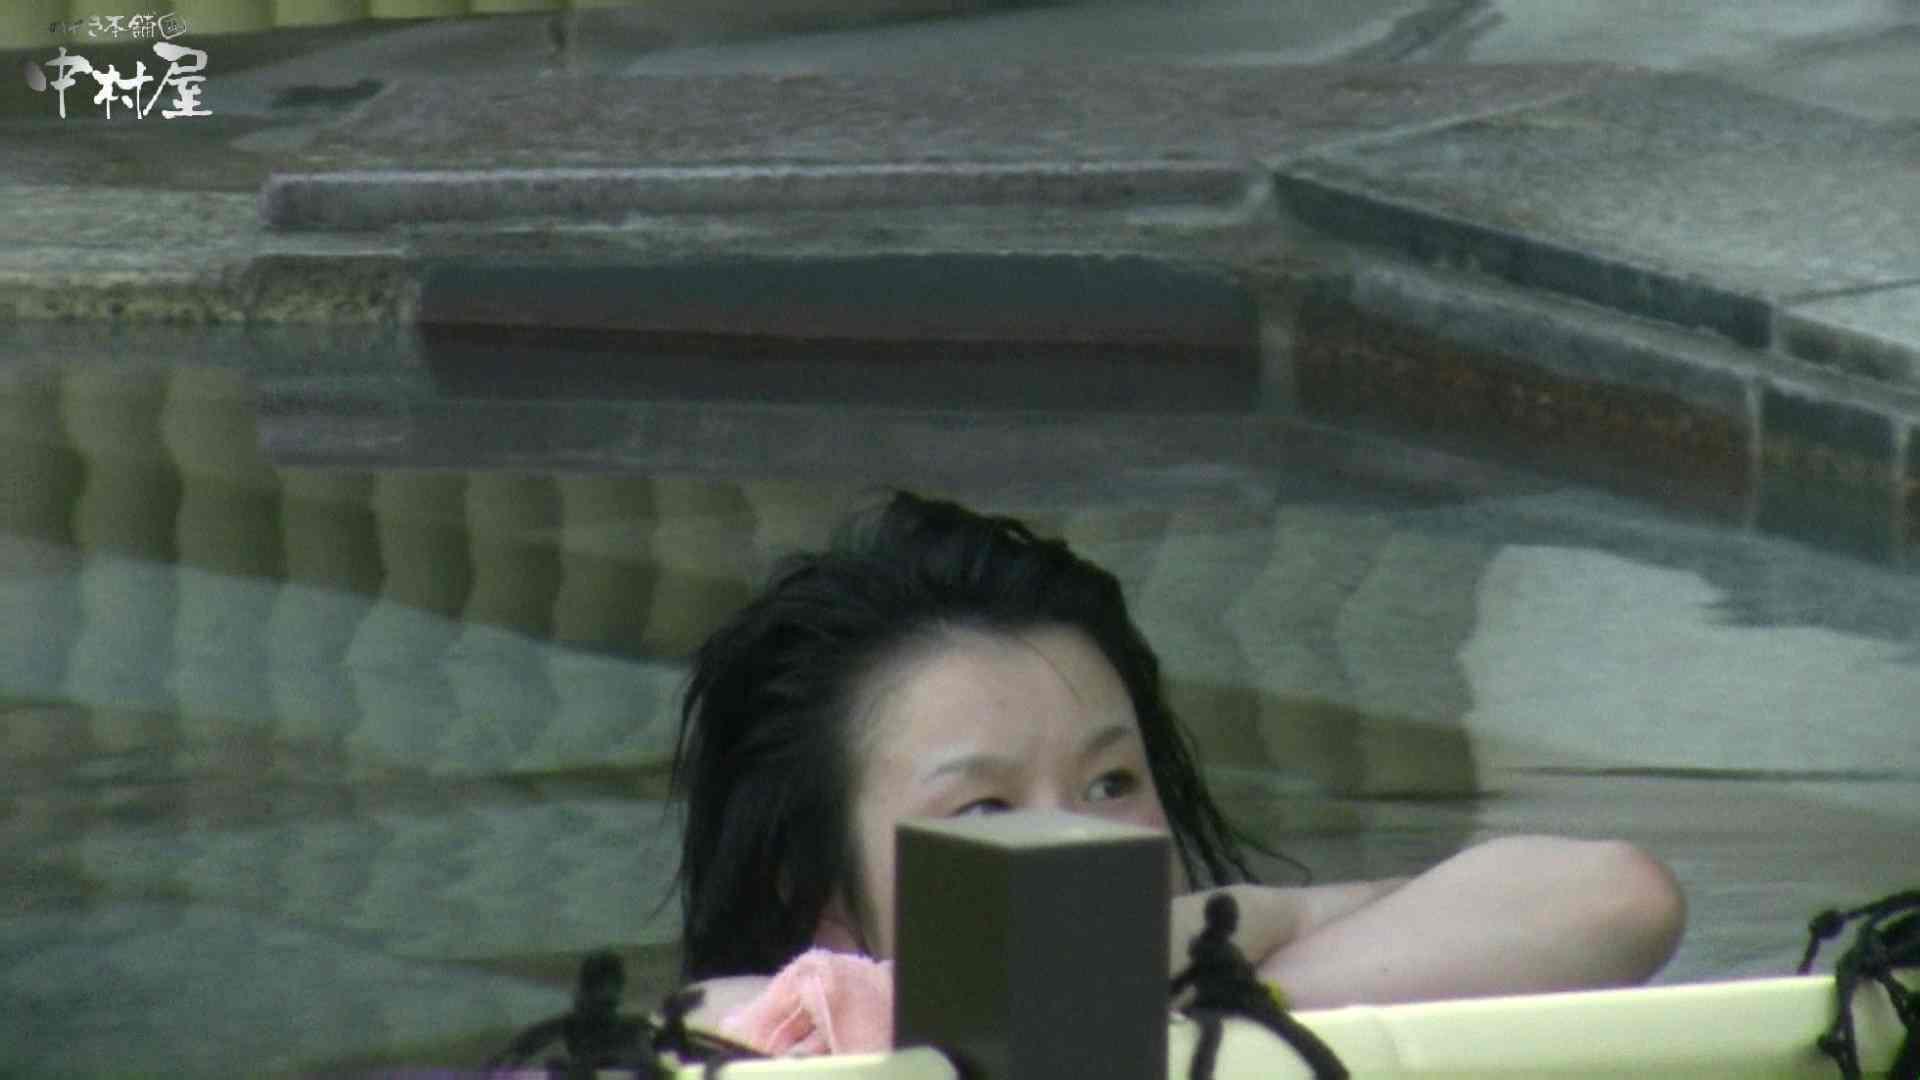 Aquaな露天風呂Vol.982 美しいOLの裸体  78pic 9